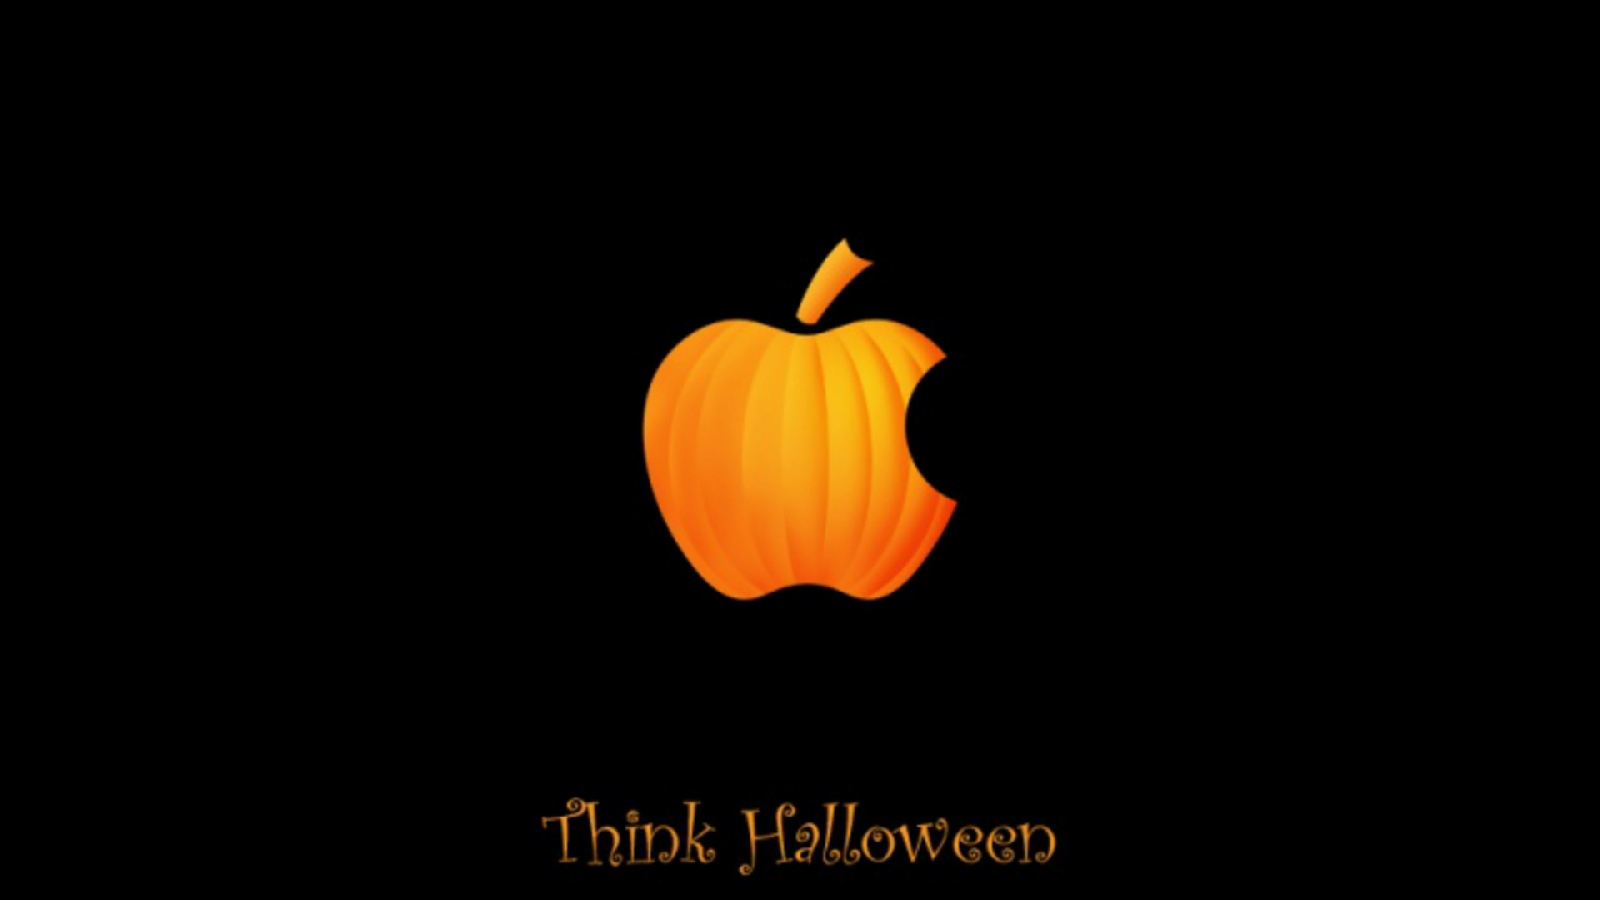 http://4.bp.blogspot.com/-01mgzgzdAdU/UEPoHrZkkmI/AAAAAAAAKvQ/FfX8qspzPfc/s1600/Halloween_99-714161.jpg